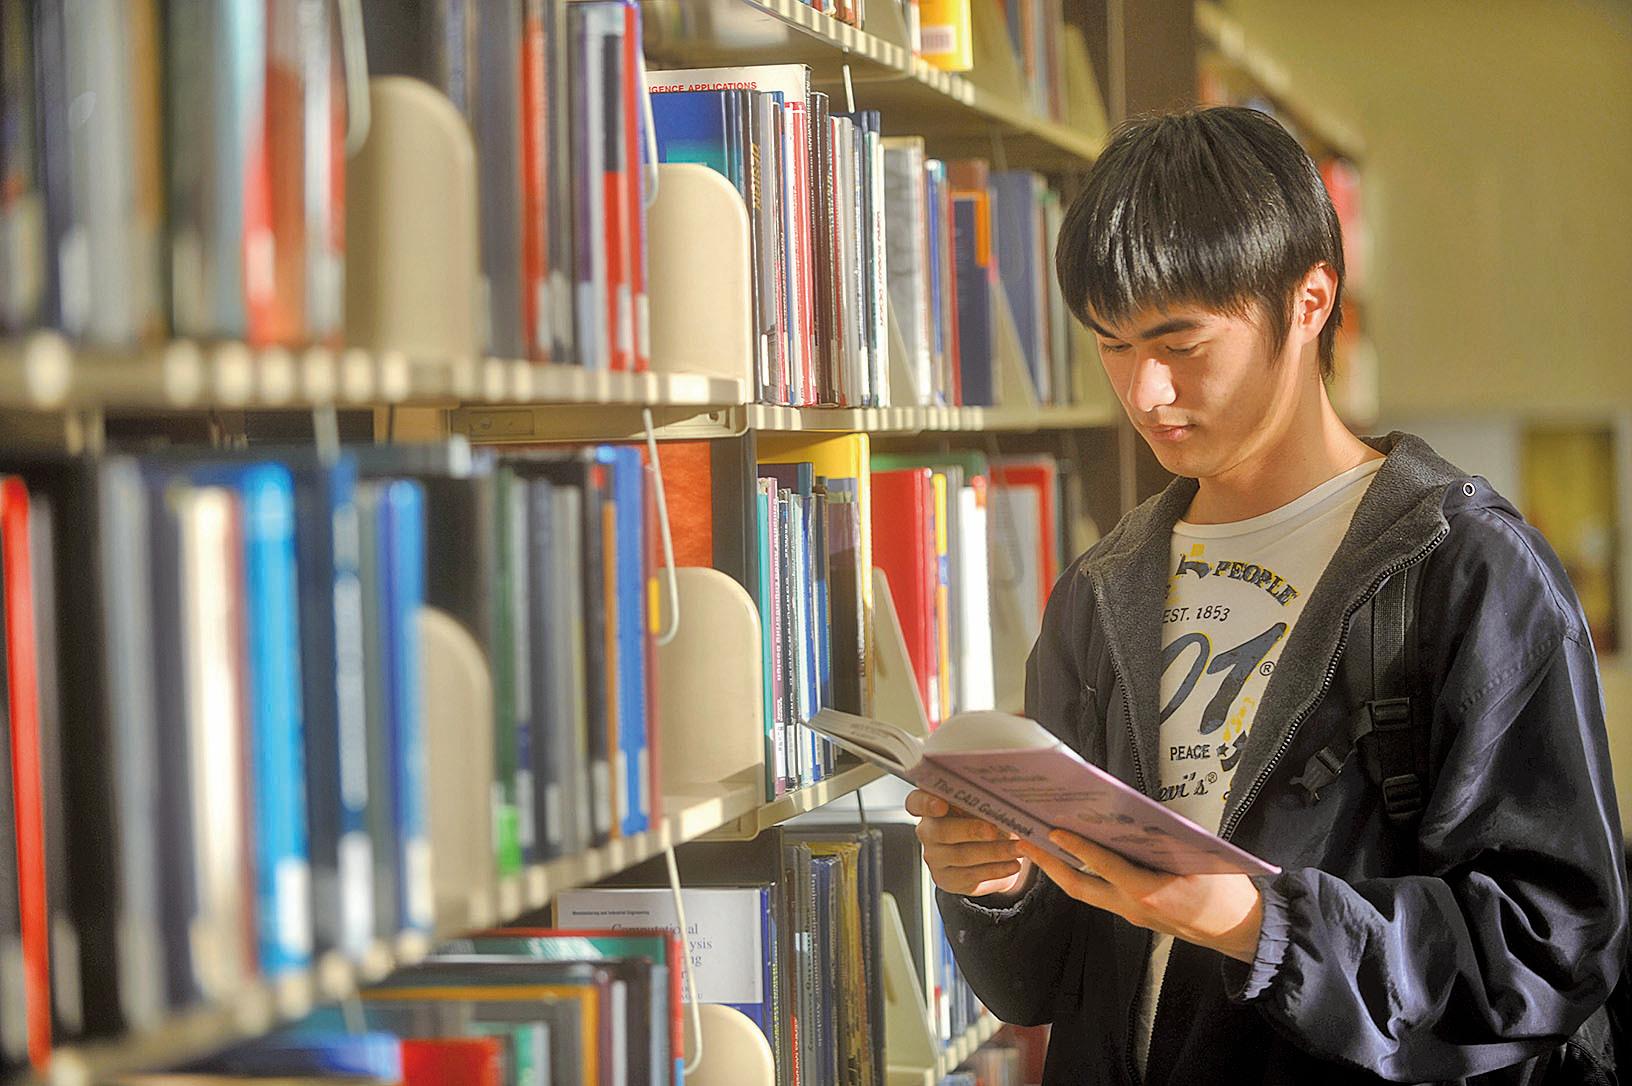 悉尼科技大學管理與心理學副教授瑞德芬(Kylie Redfern)發表的最新研究顯示,中國留學生的壓力和焦慮程度遠高於地方學生。(大紀元資料圖片)